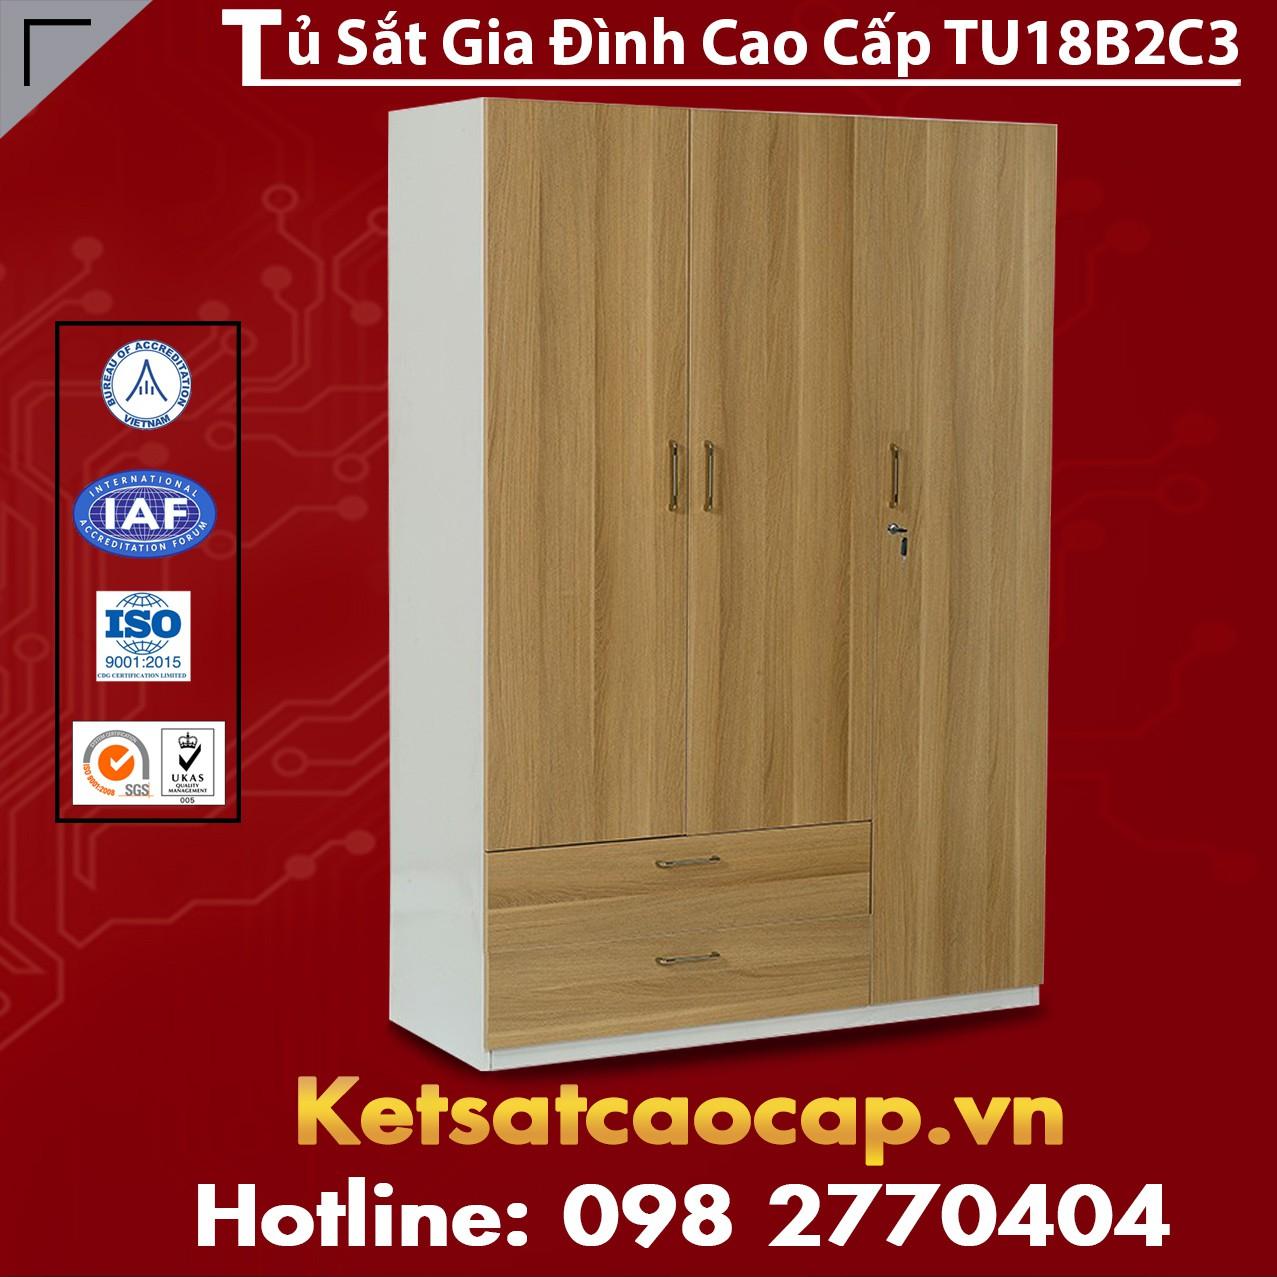 Tủ Sắt Gia Đình TU18B2C3